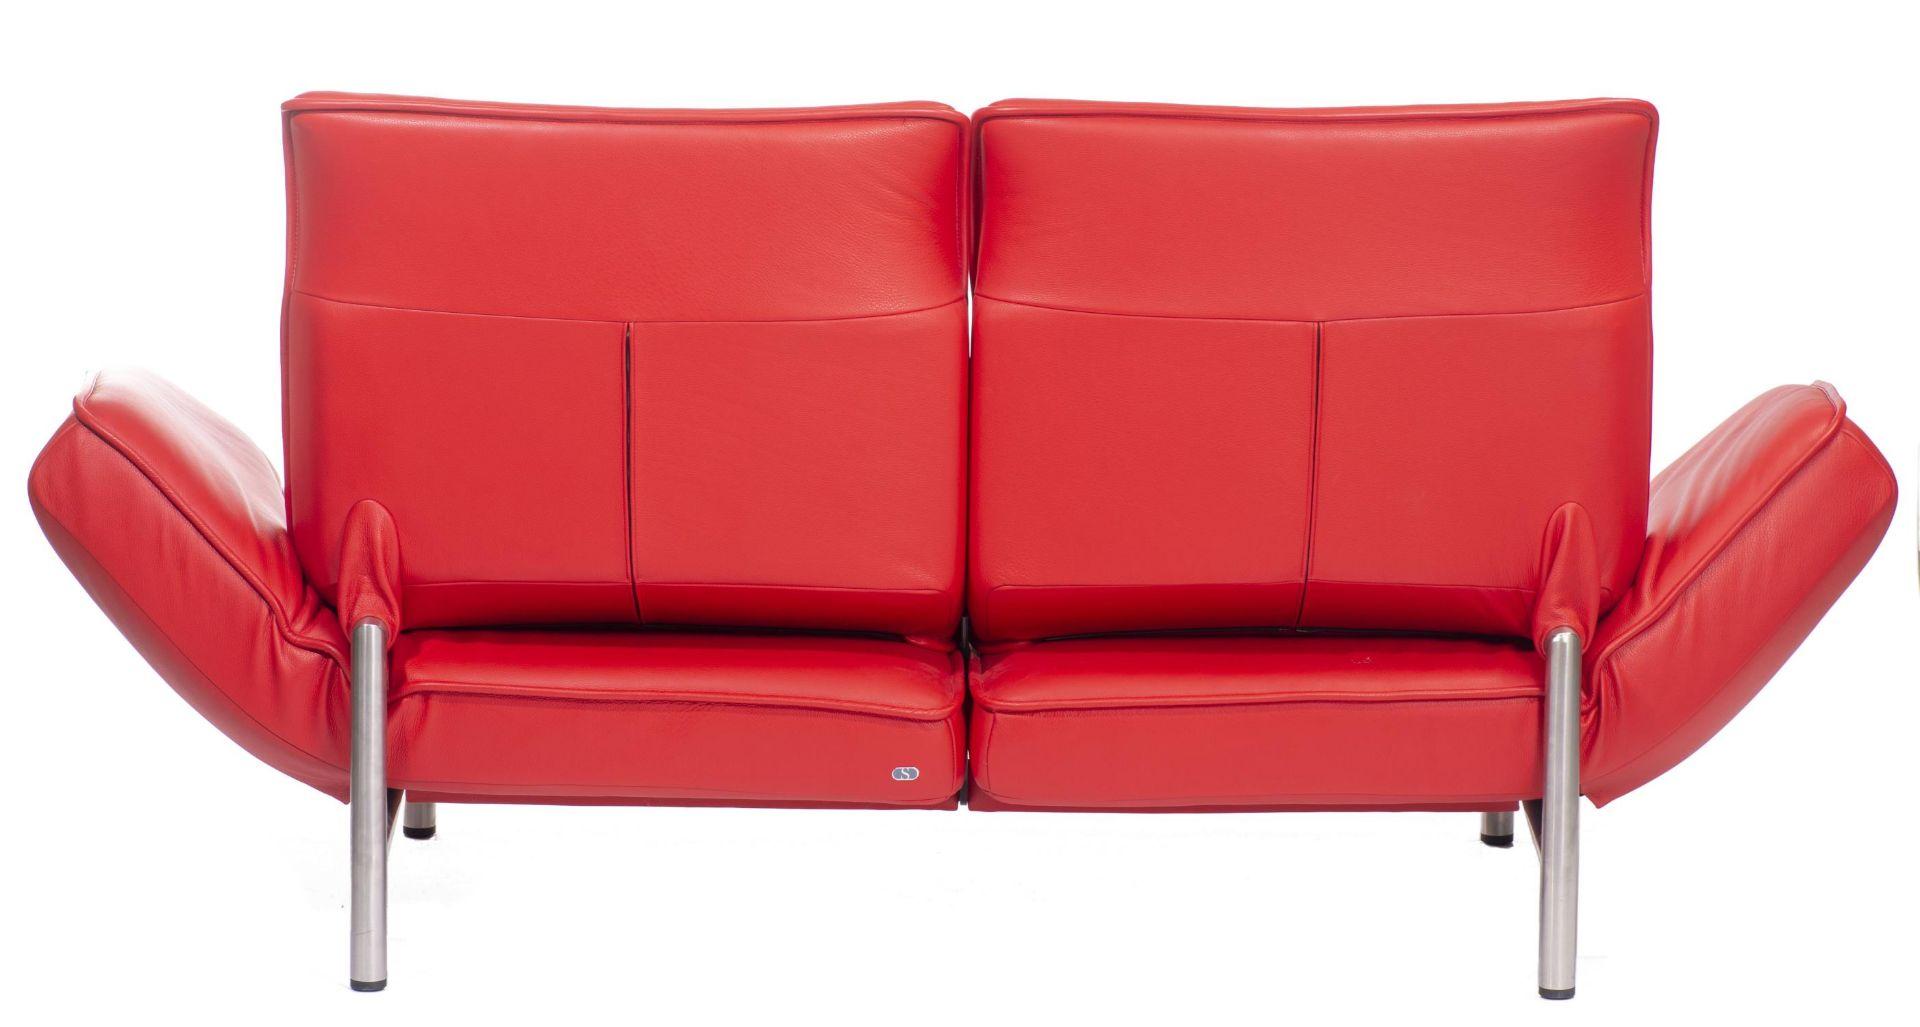 Thomas Althaus, canapé de Sède, modèle ds-450 - Bild 6 aus 10